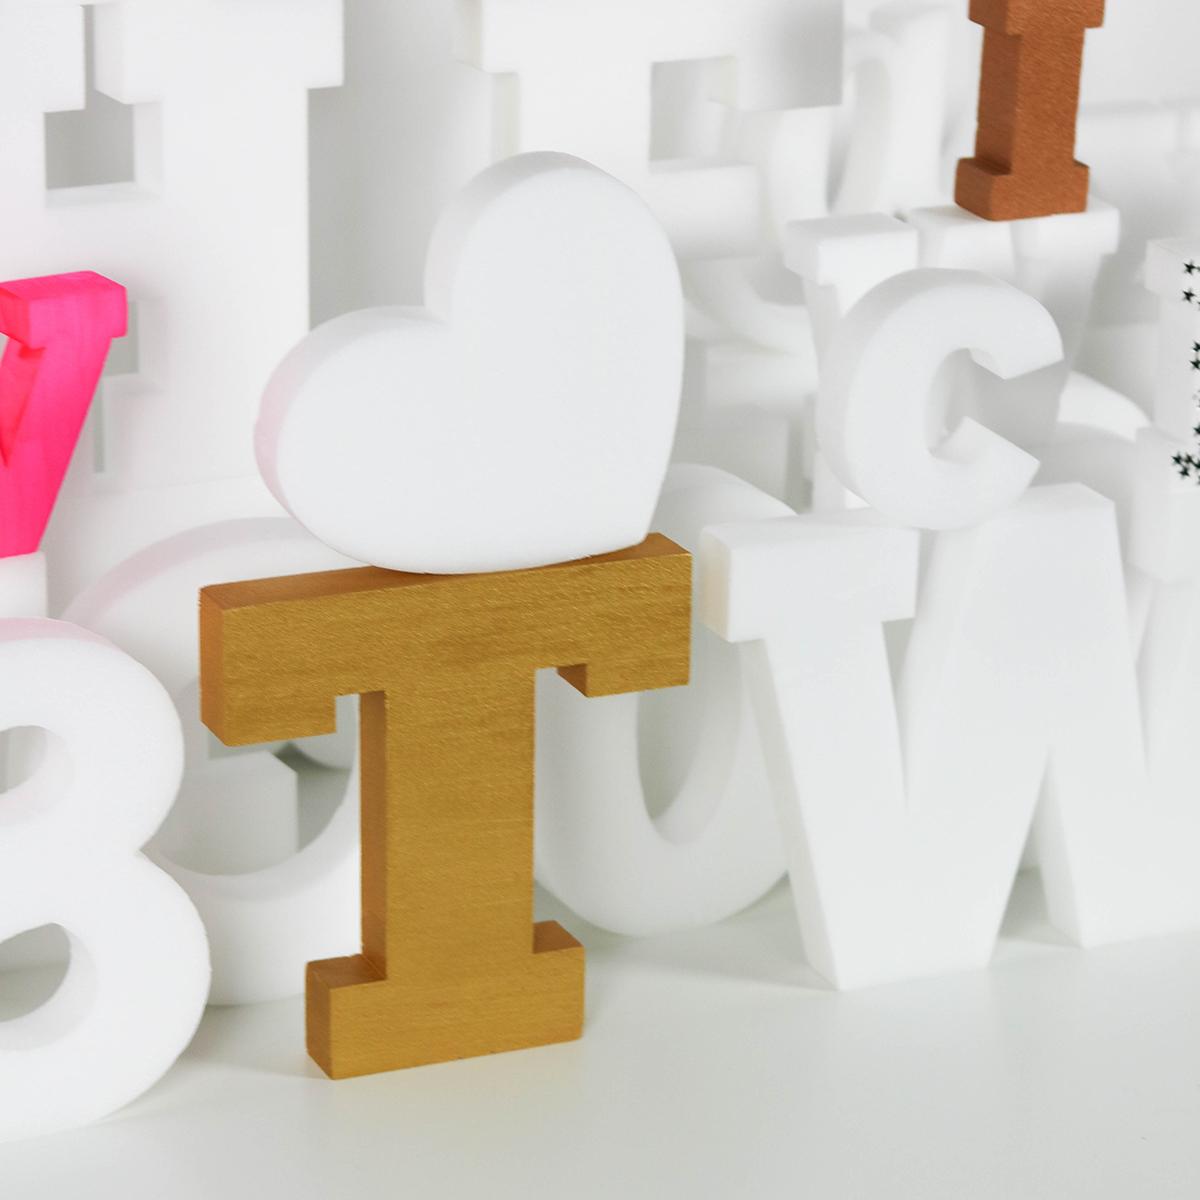 lettres en plastique decoration customiser personnaliser